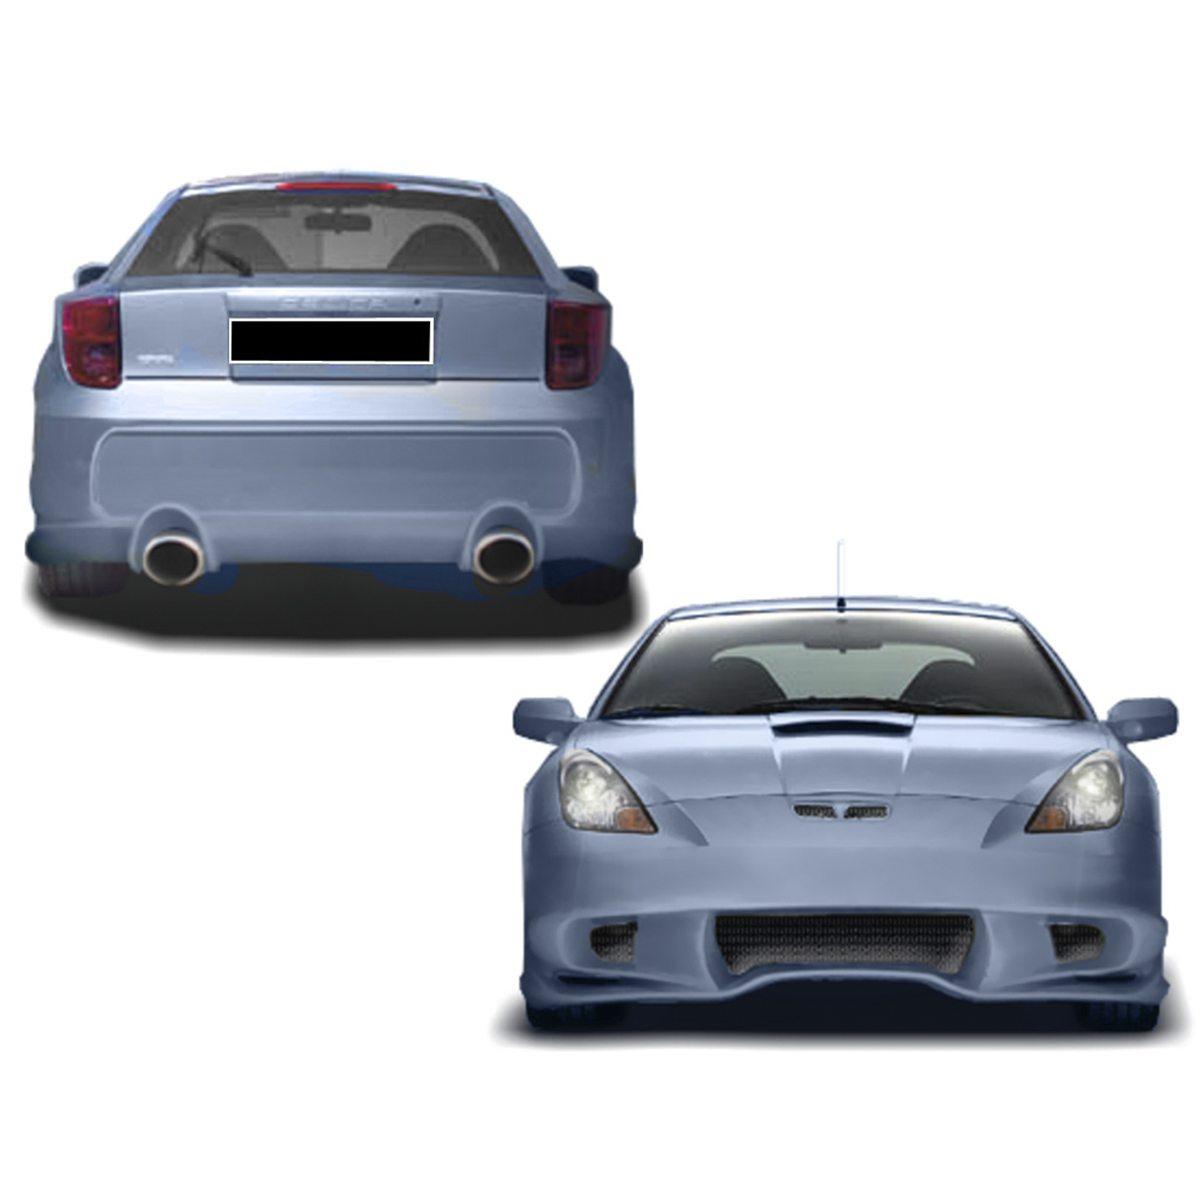 Toyota-Celica-00-Radikal-KIT-QTU168